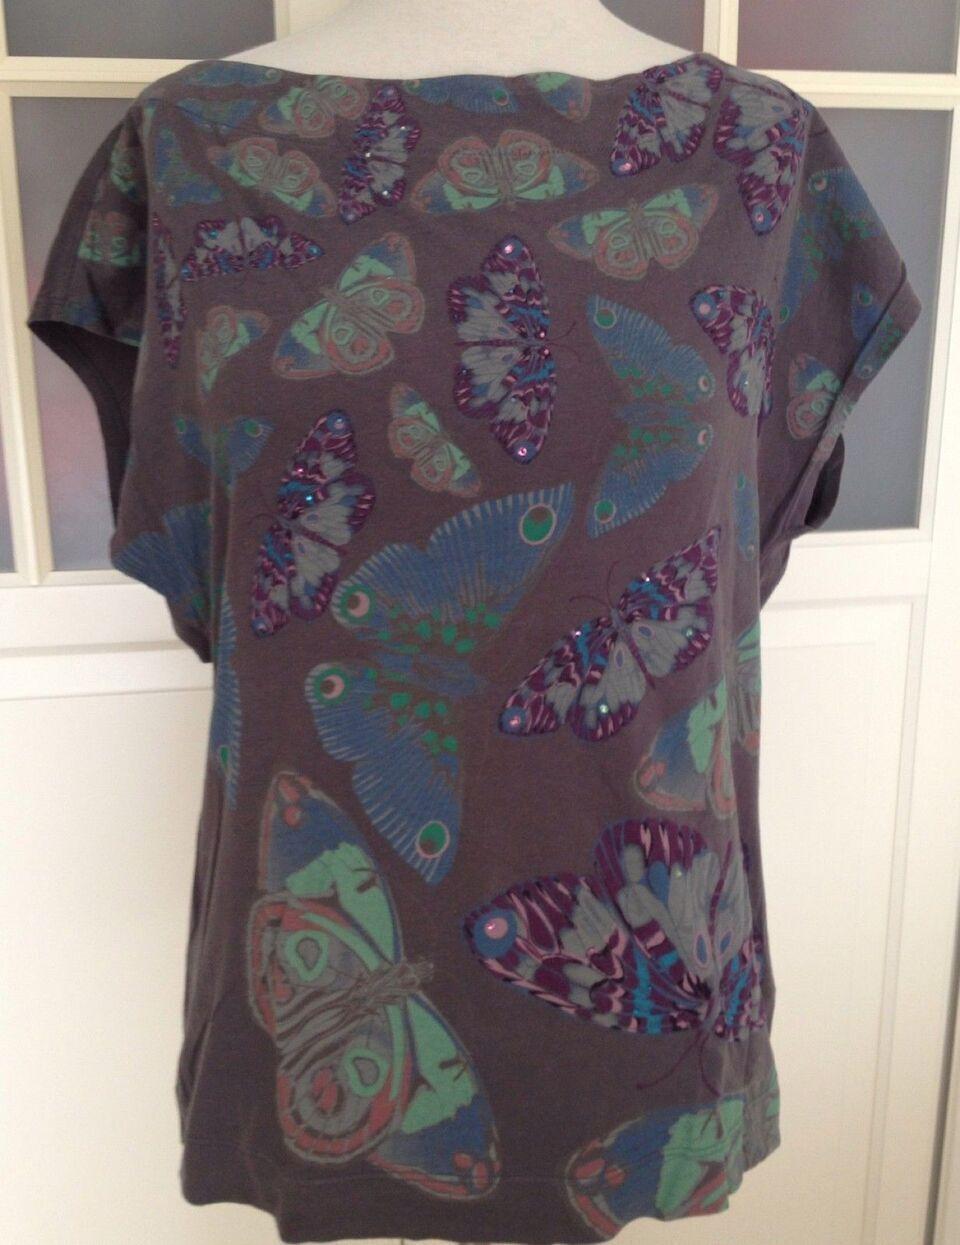 Matthew Williamson for H&M T-Shirt Shirt Butterflies Top Gr S